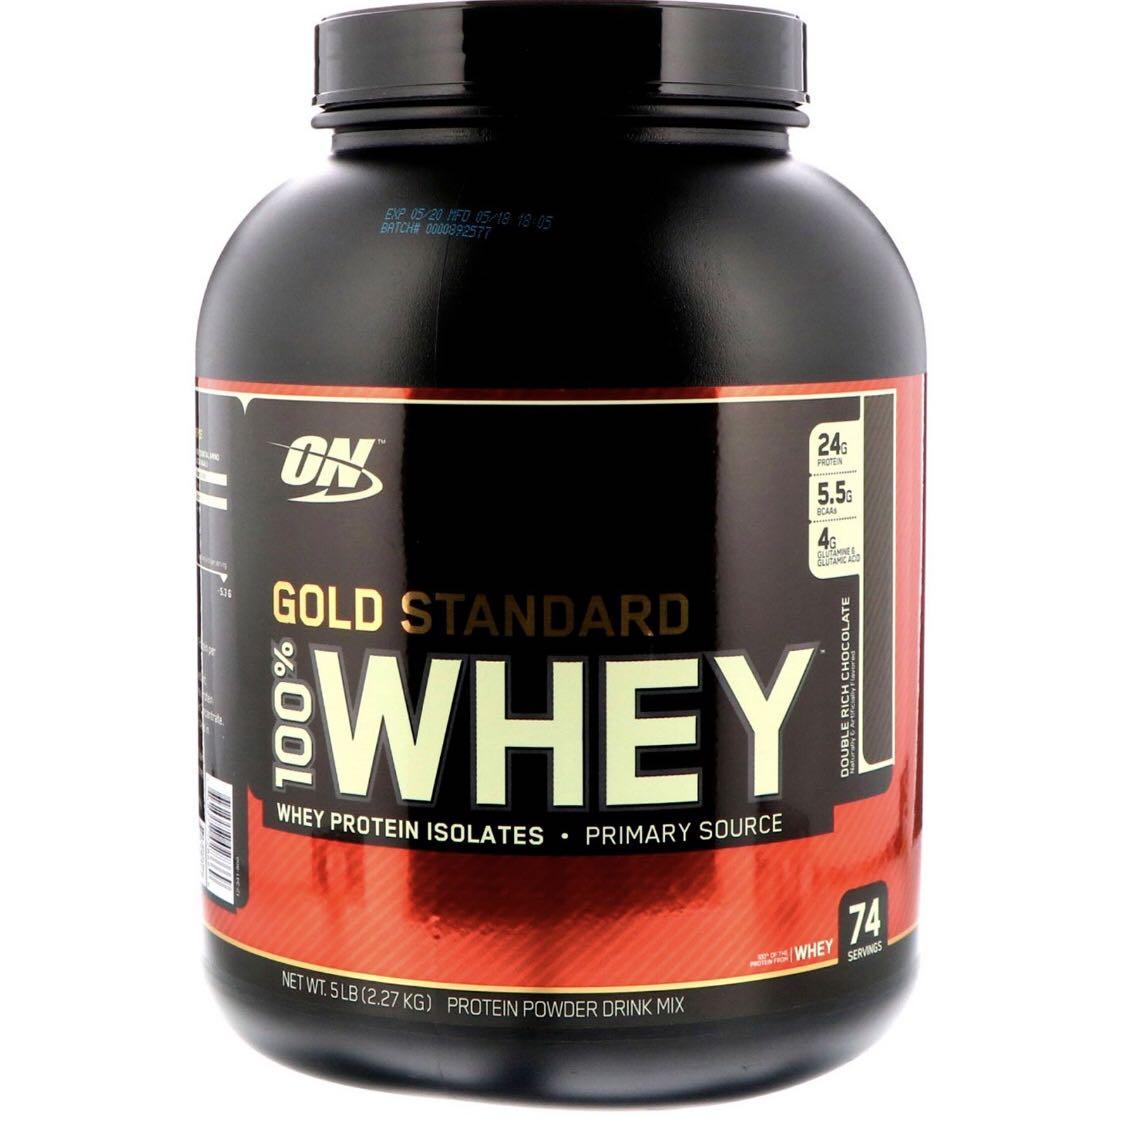 אבקת-חלבון-Whey-הנמכרת-ביותר-בשוק - יד 2